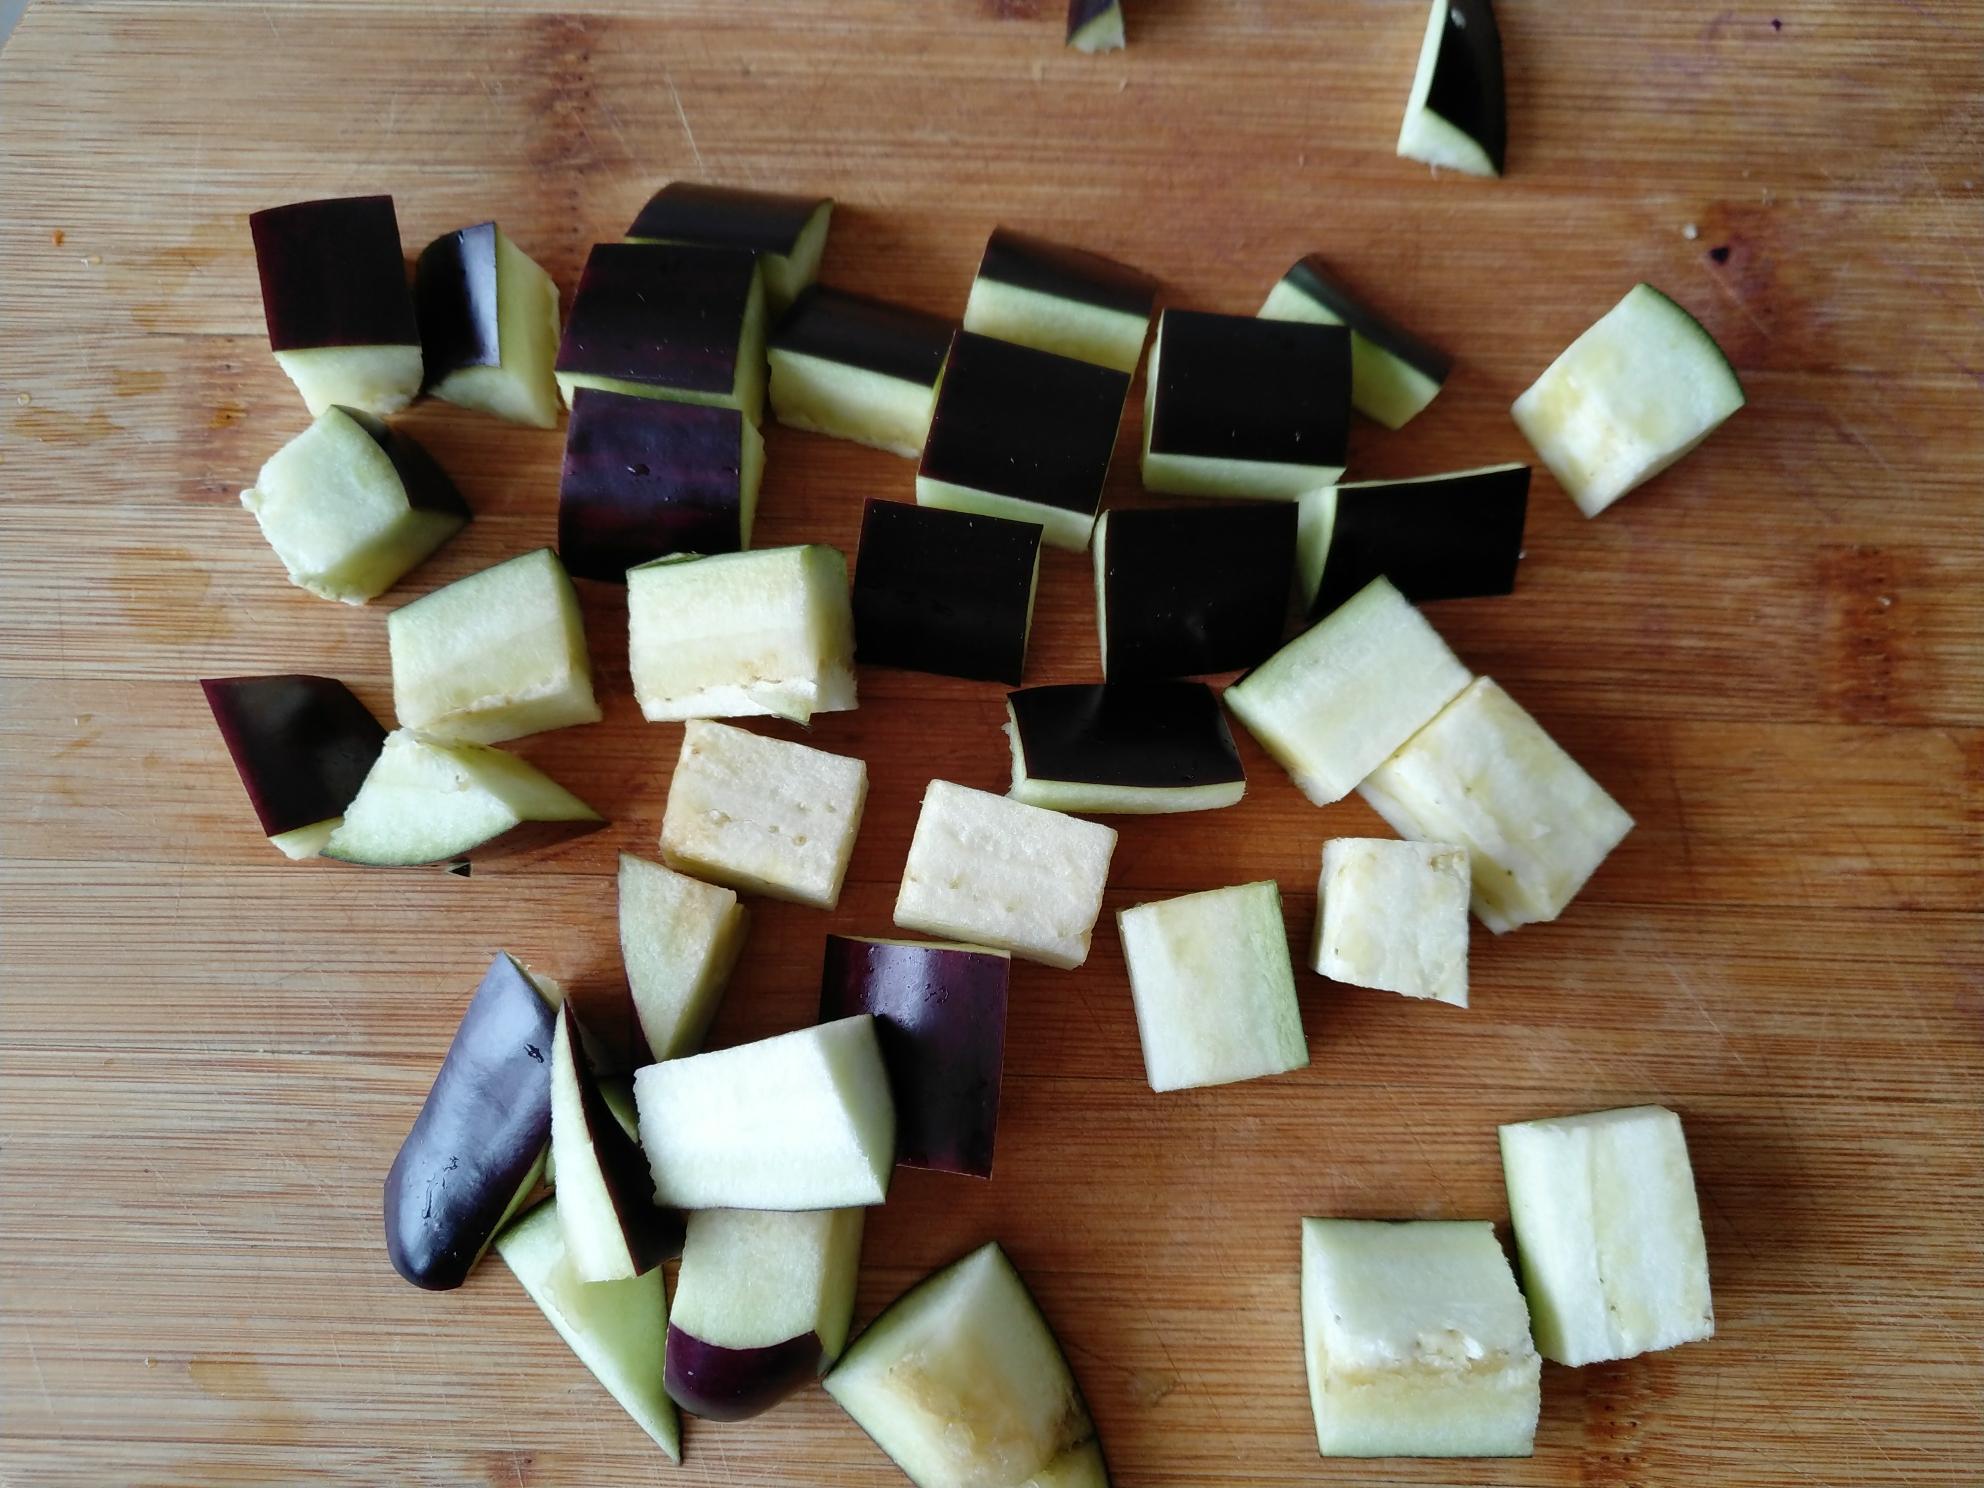 茄丁肉酱面,茄子洗净切小块(跟中等蒜瓣大小即可)。</p> <p>